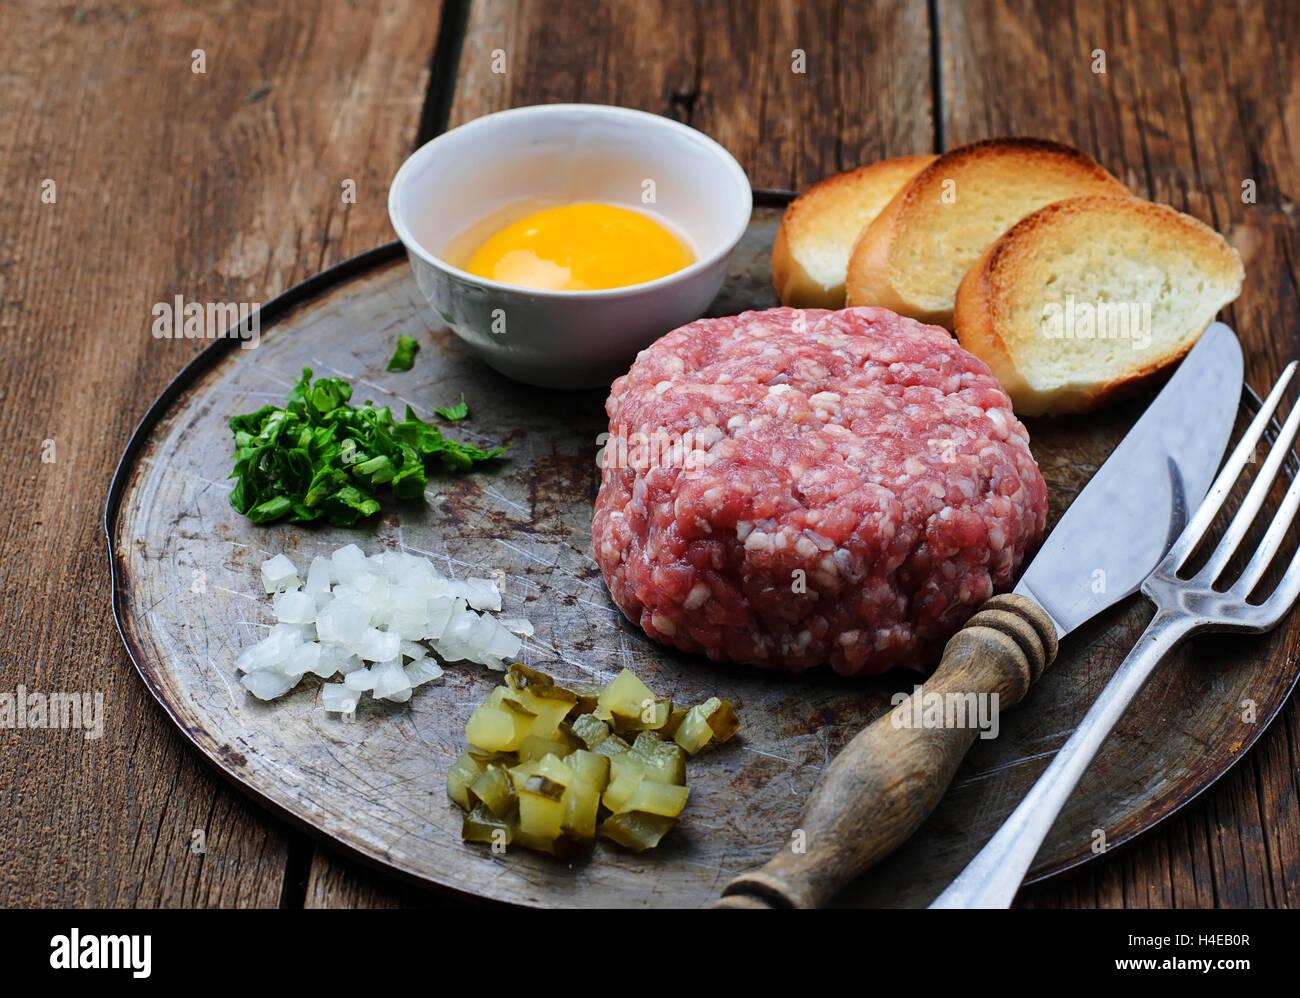 Tartar de carne de vacuno fresca con huevo, encurtido de pepino y cebolla. Enfoque selectivo Imagen De Stock